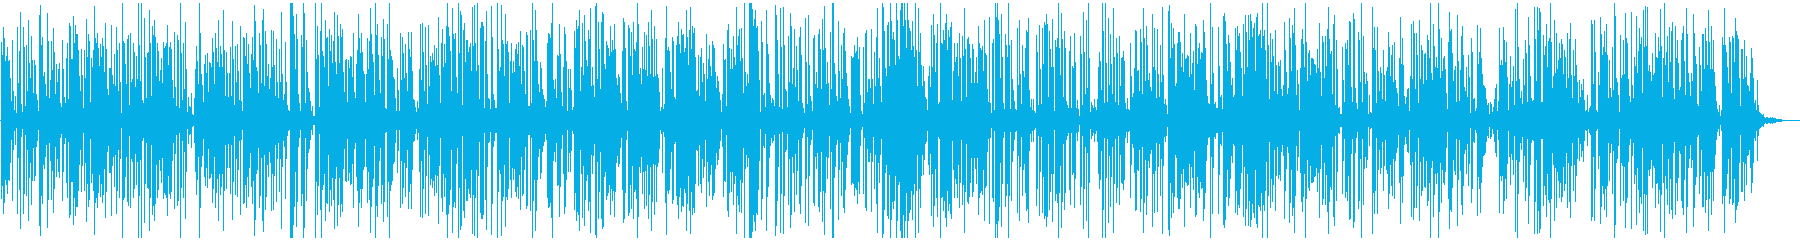 軽快なアコースティックジャズピアノトリオの再生済みの波形